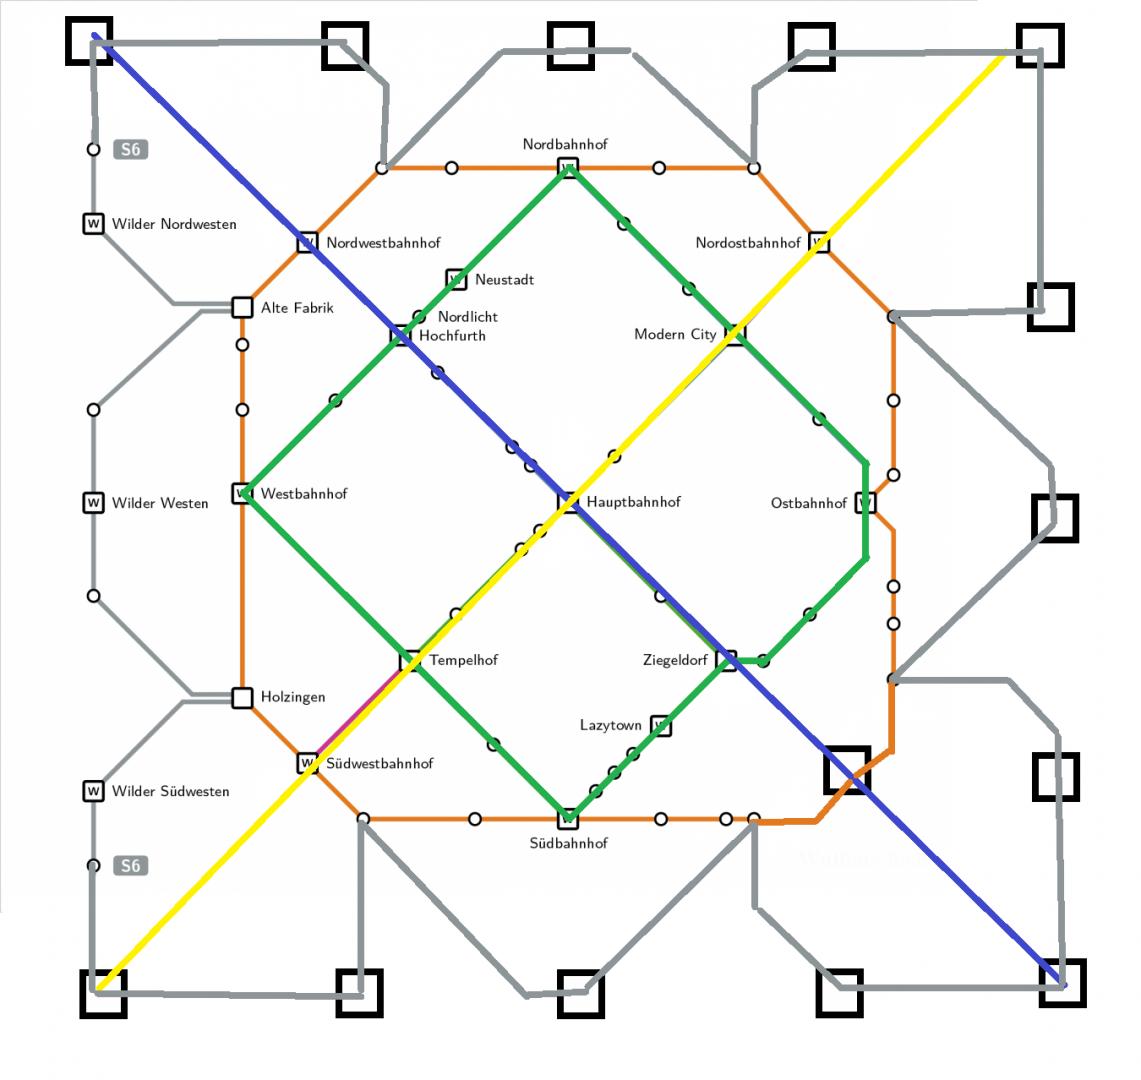 Serverbahn_Linien.png